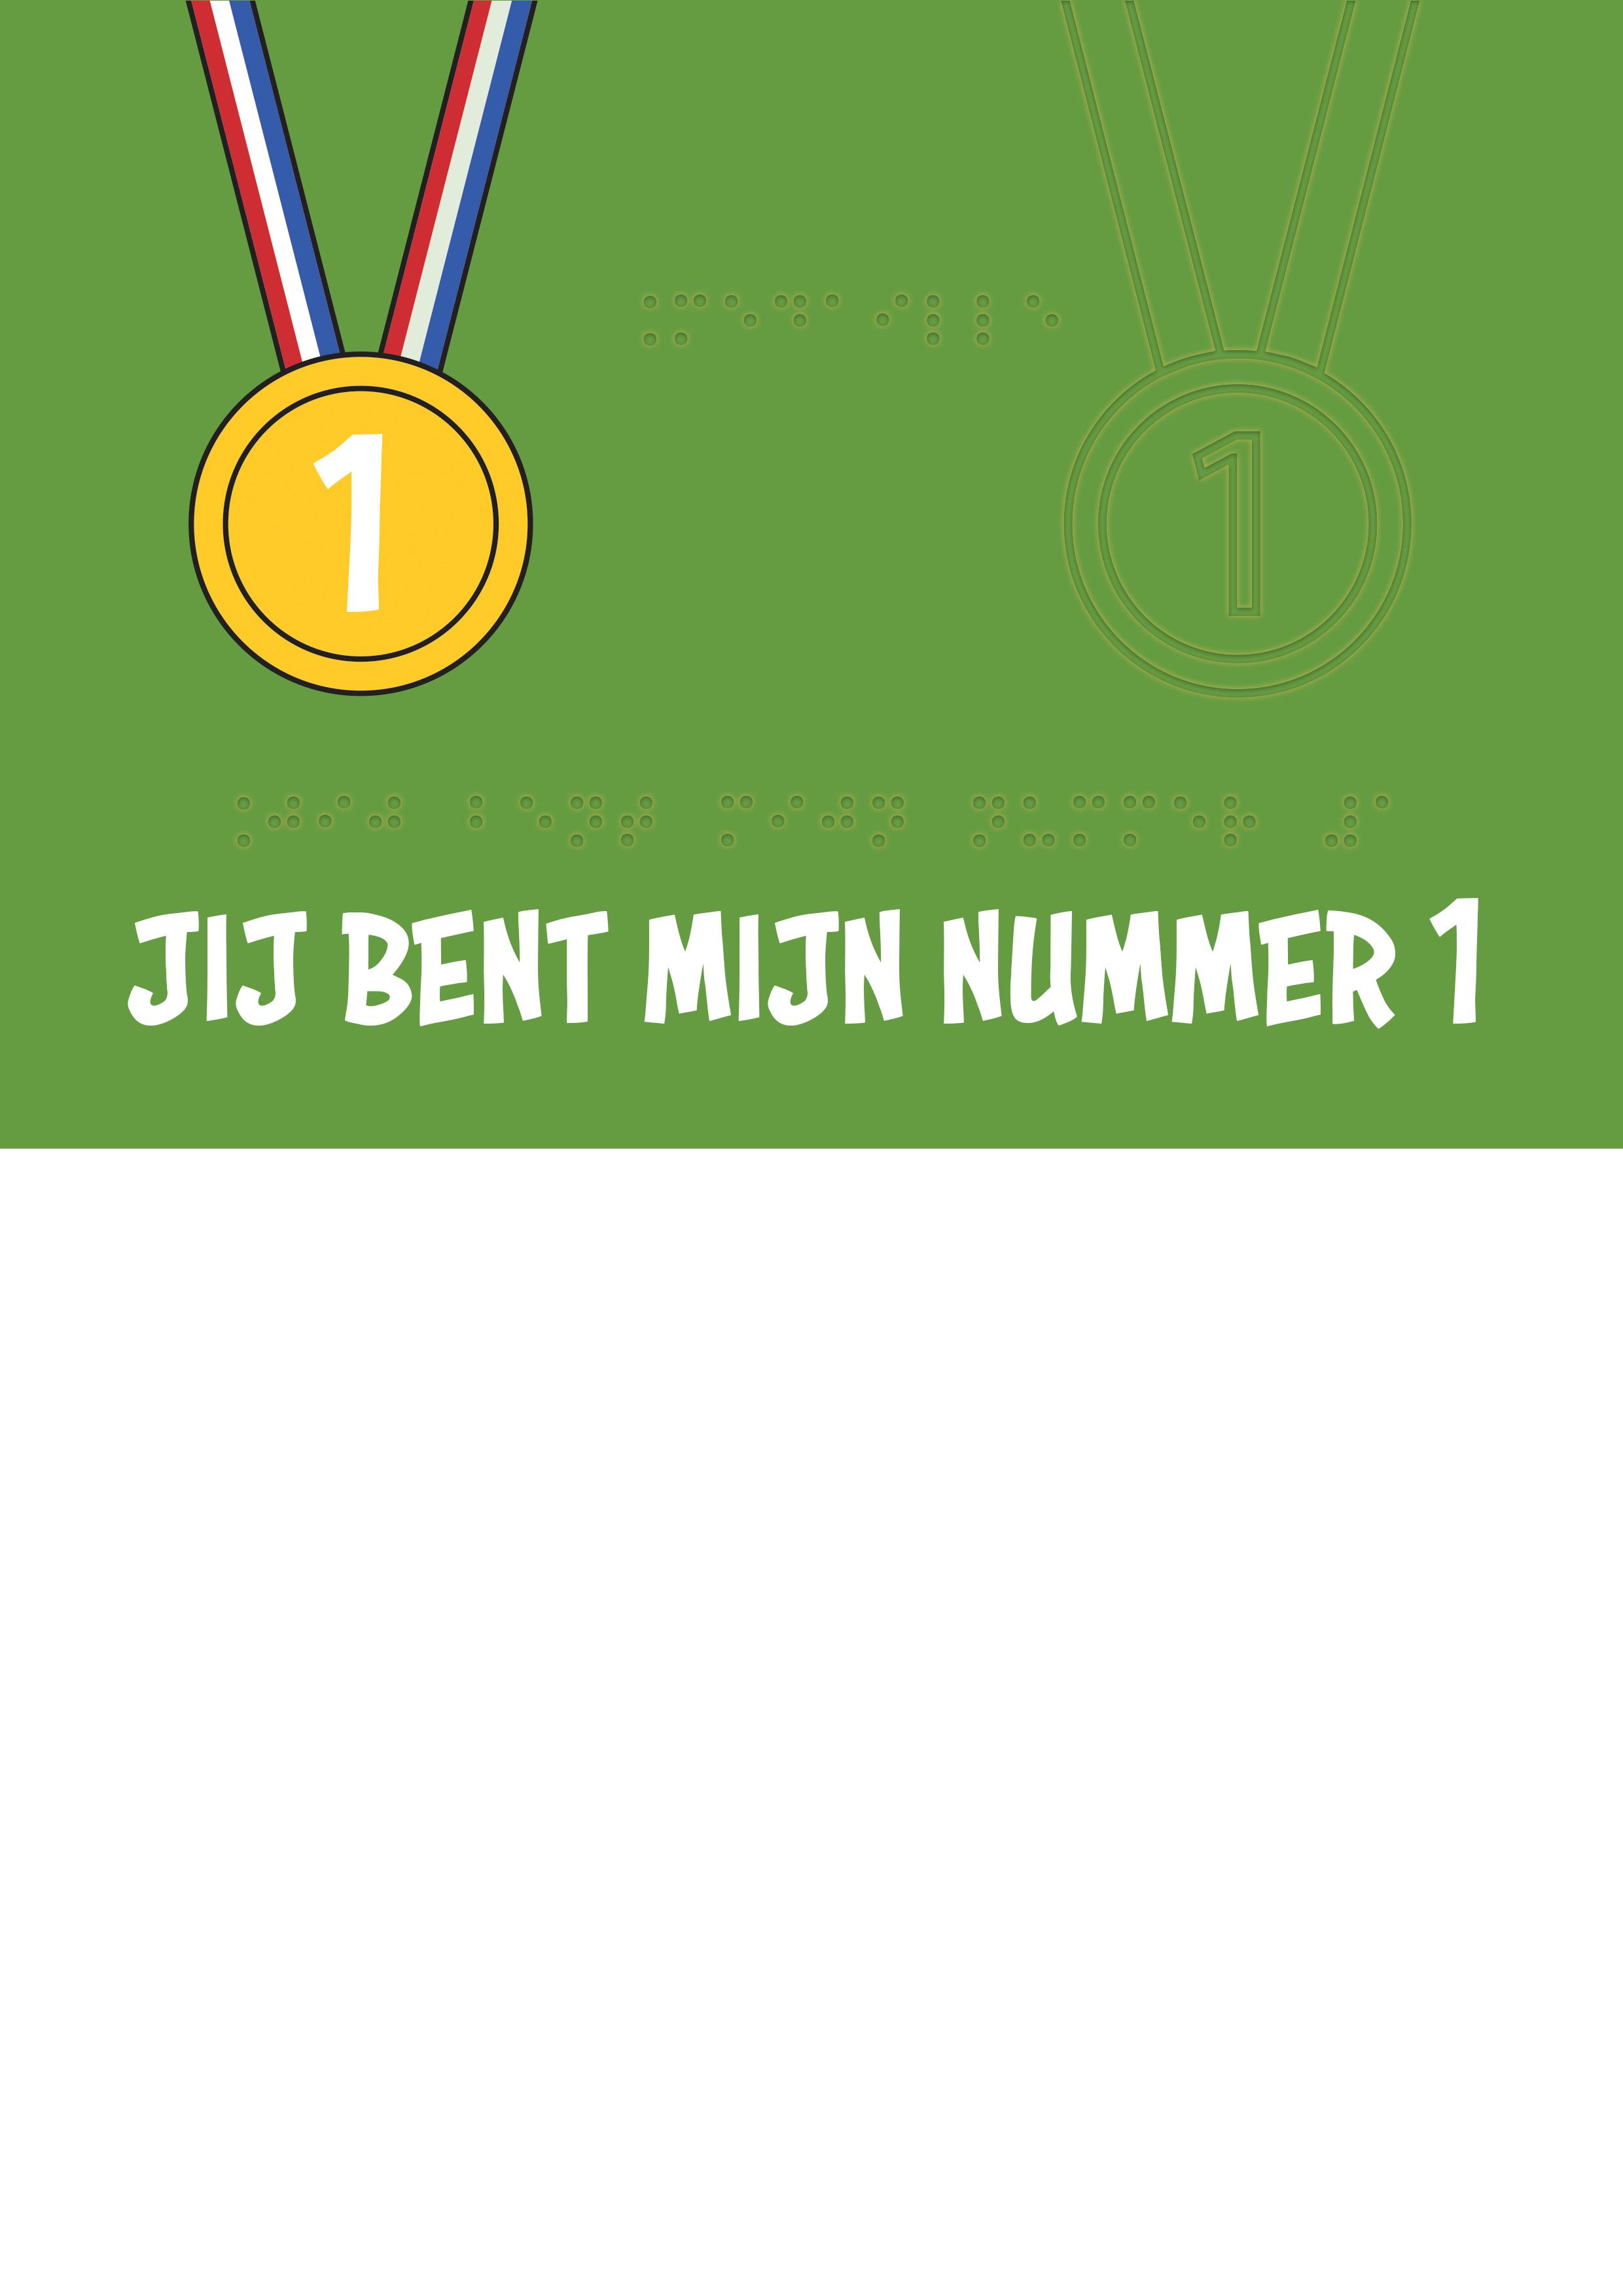 Voelbare wenskaart met braille en reliëf. In braille de tekst: jij bent mijn nummer 1! Met een voelbare afbeelding van een medaille van nummer 1.